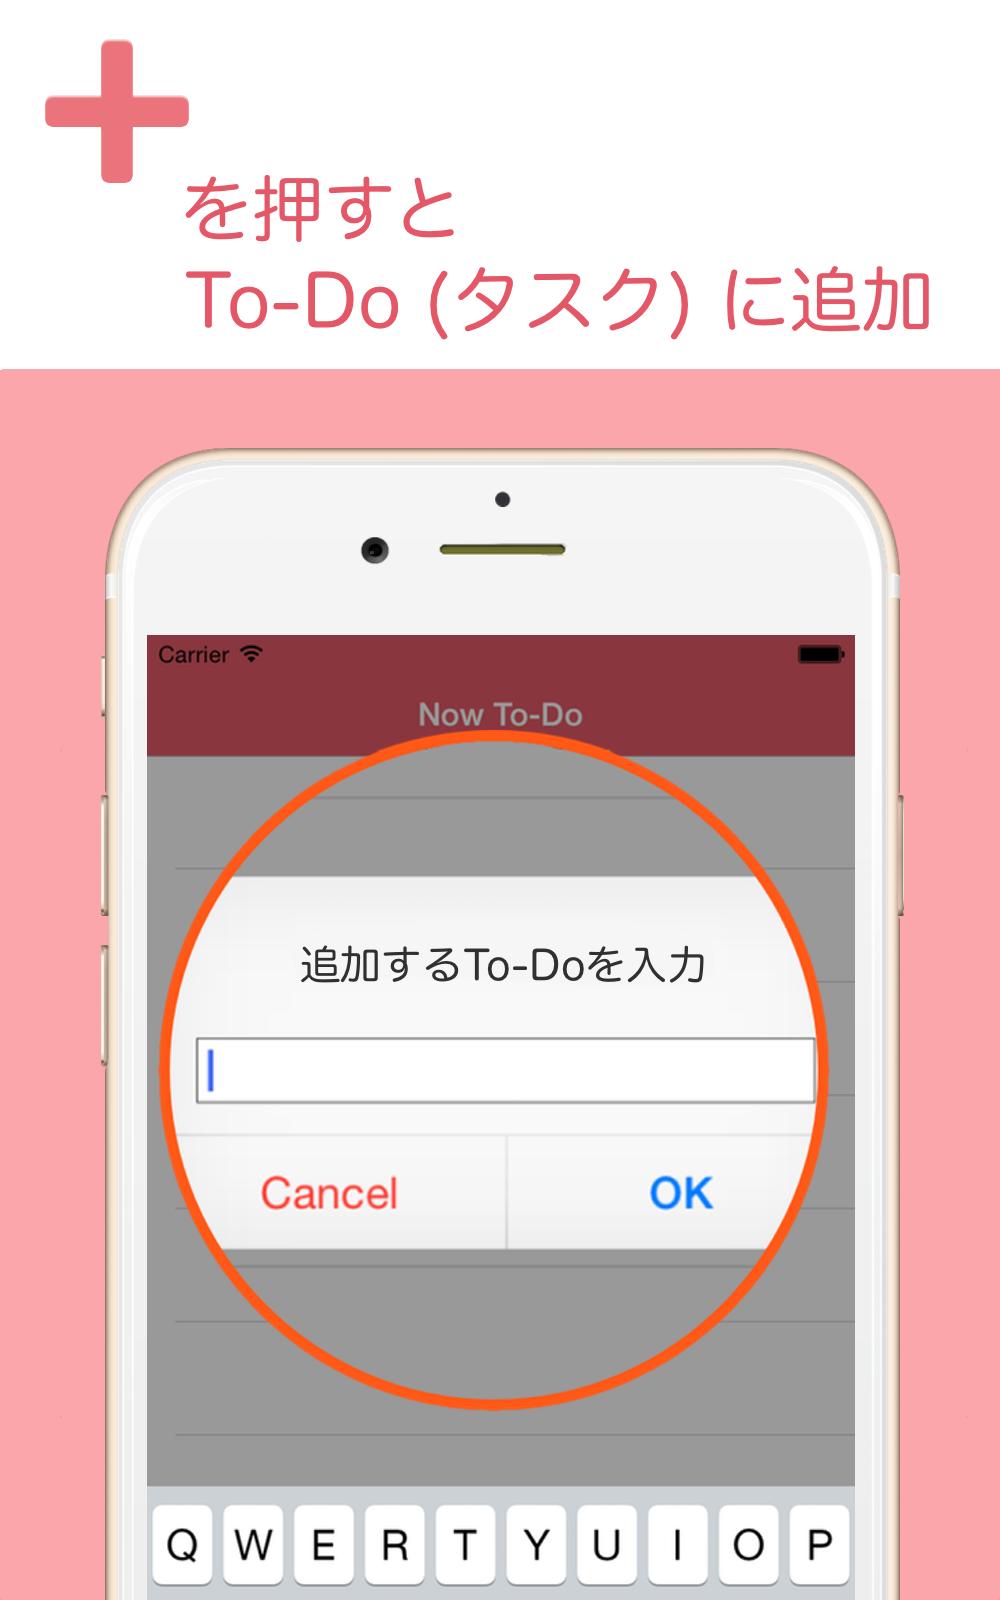 新アプリNow To-Do : サッと使えるシンプル管理 リリース!